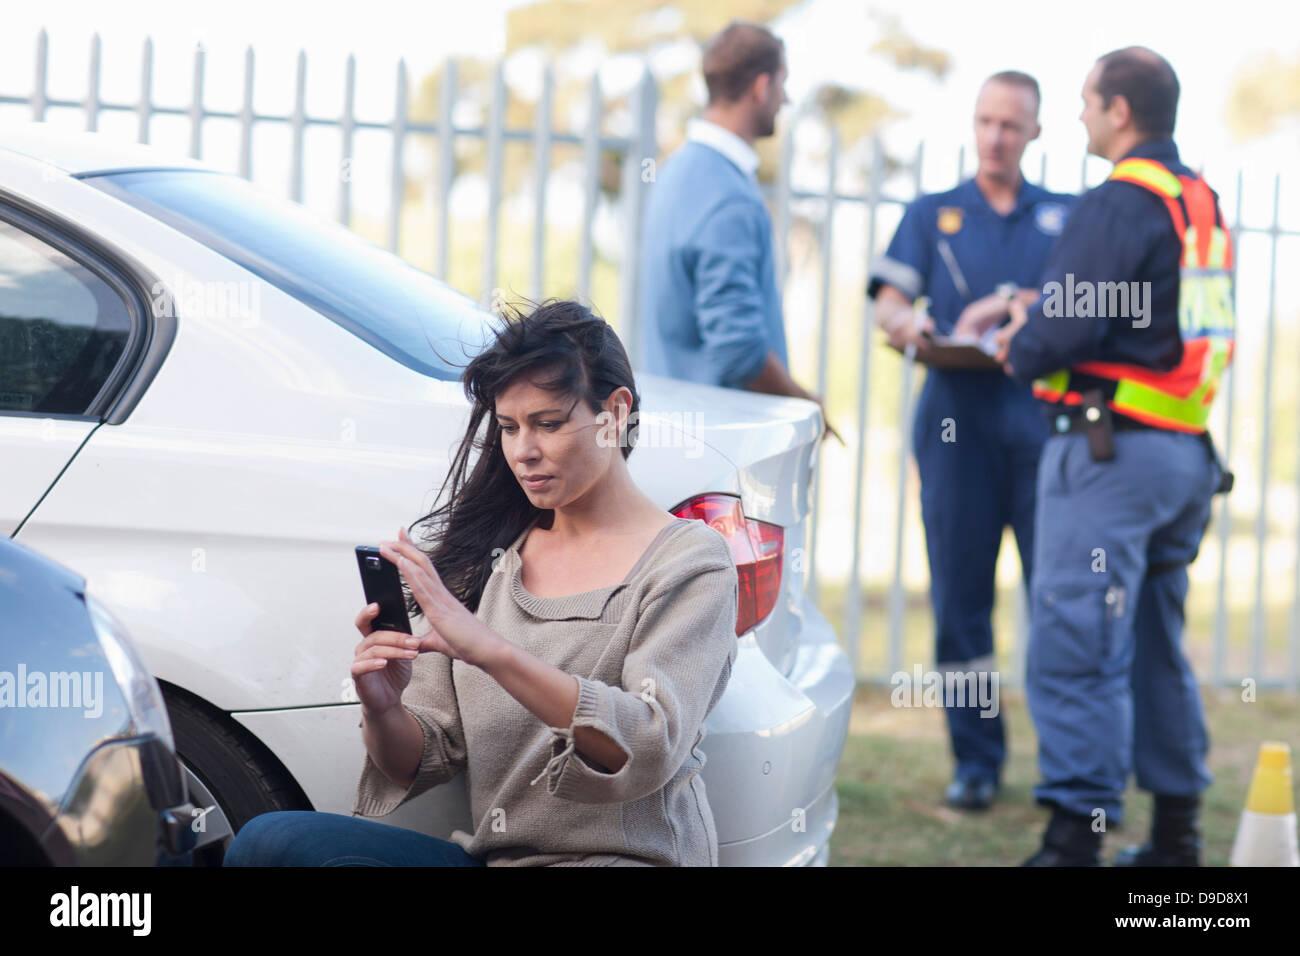 Frau, die Schäden an ihrem Auto an Auto Unfallstelle fotografieren Stockbild